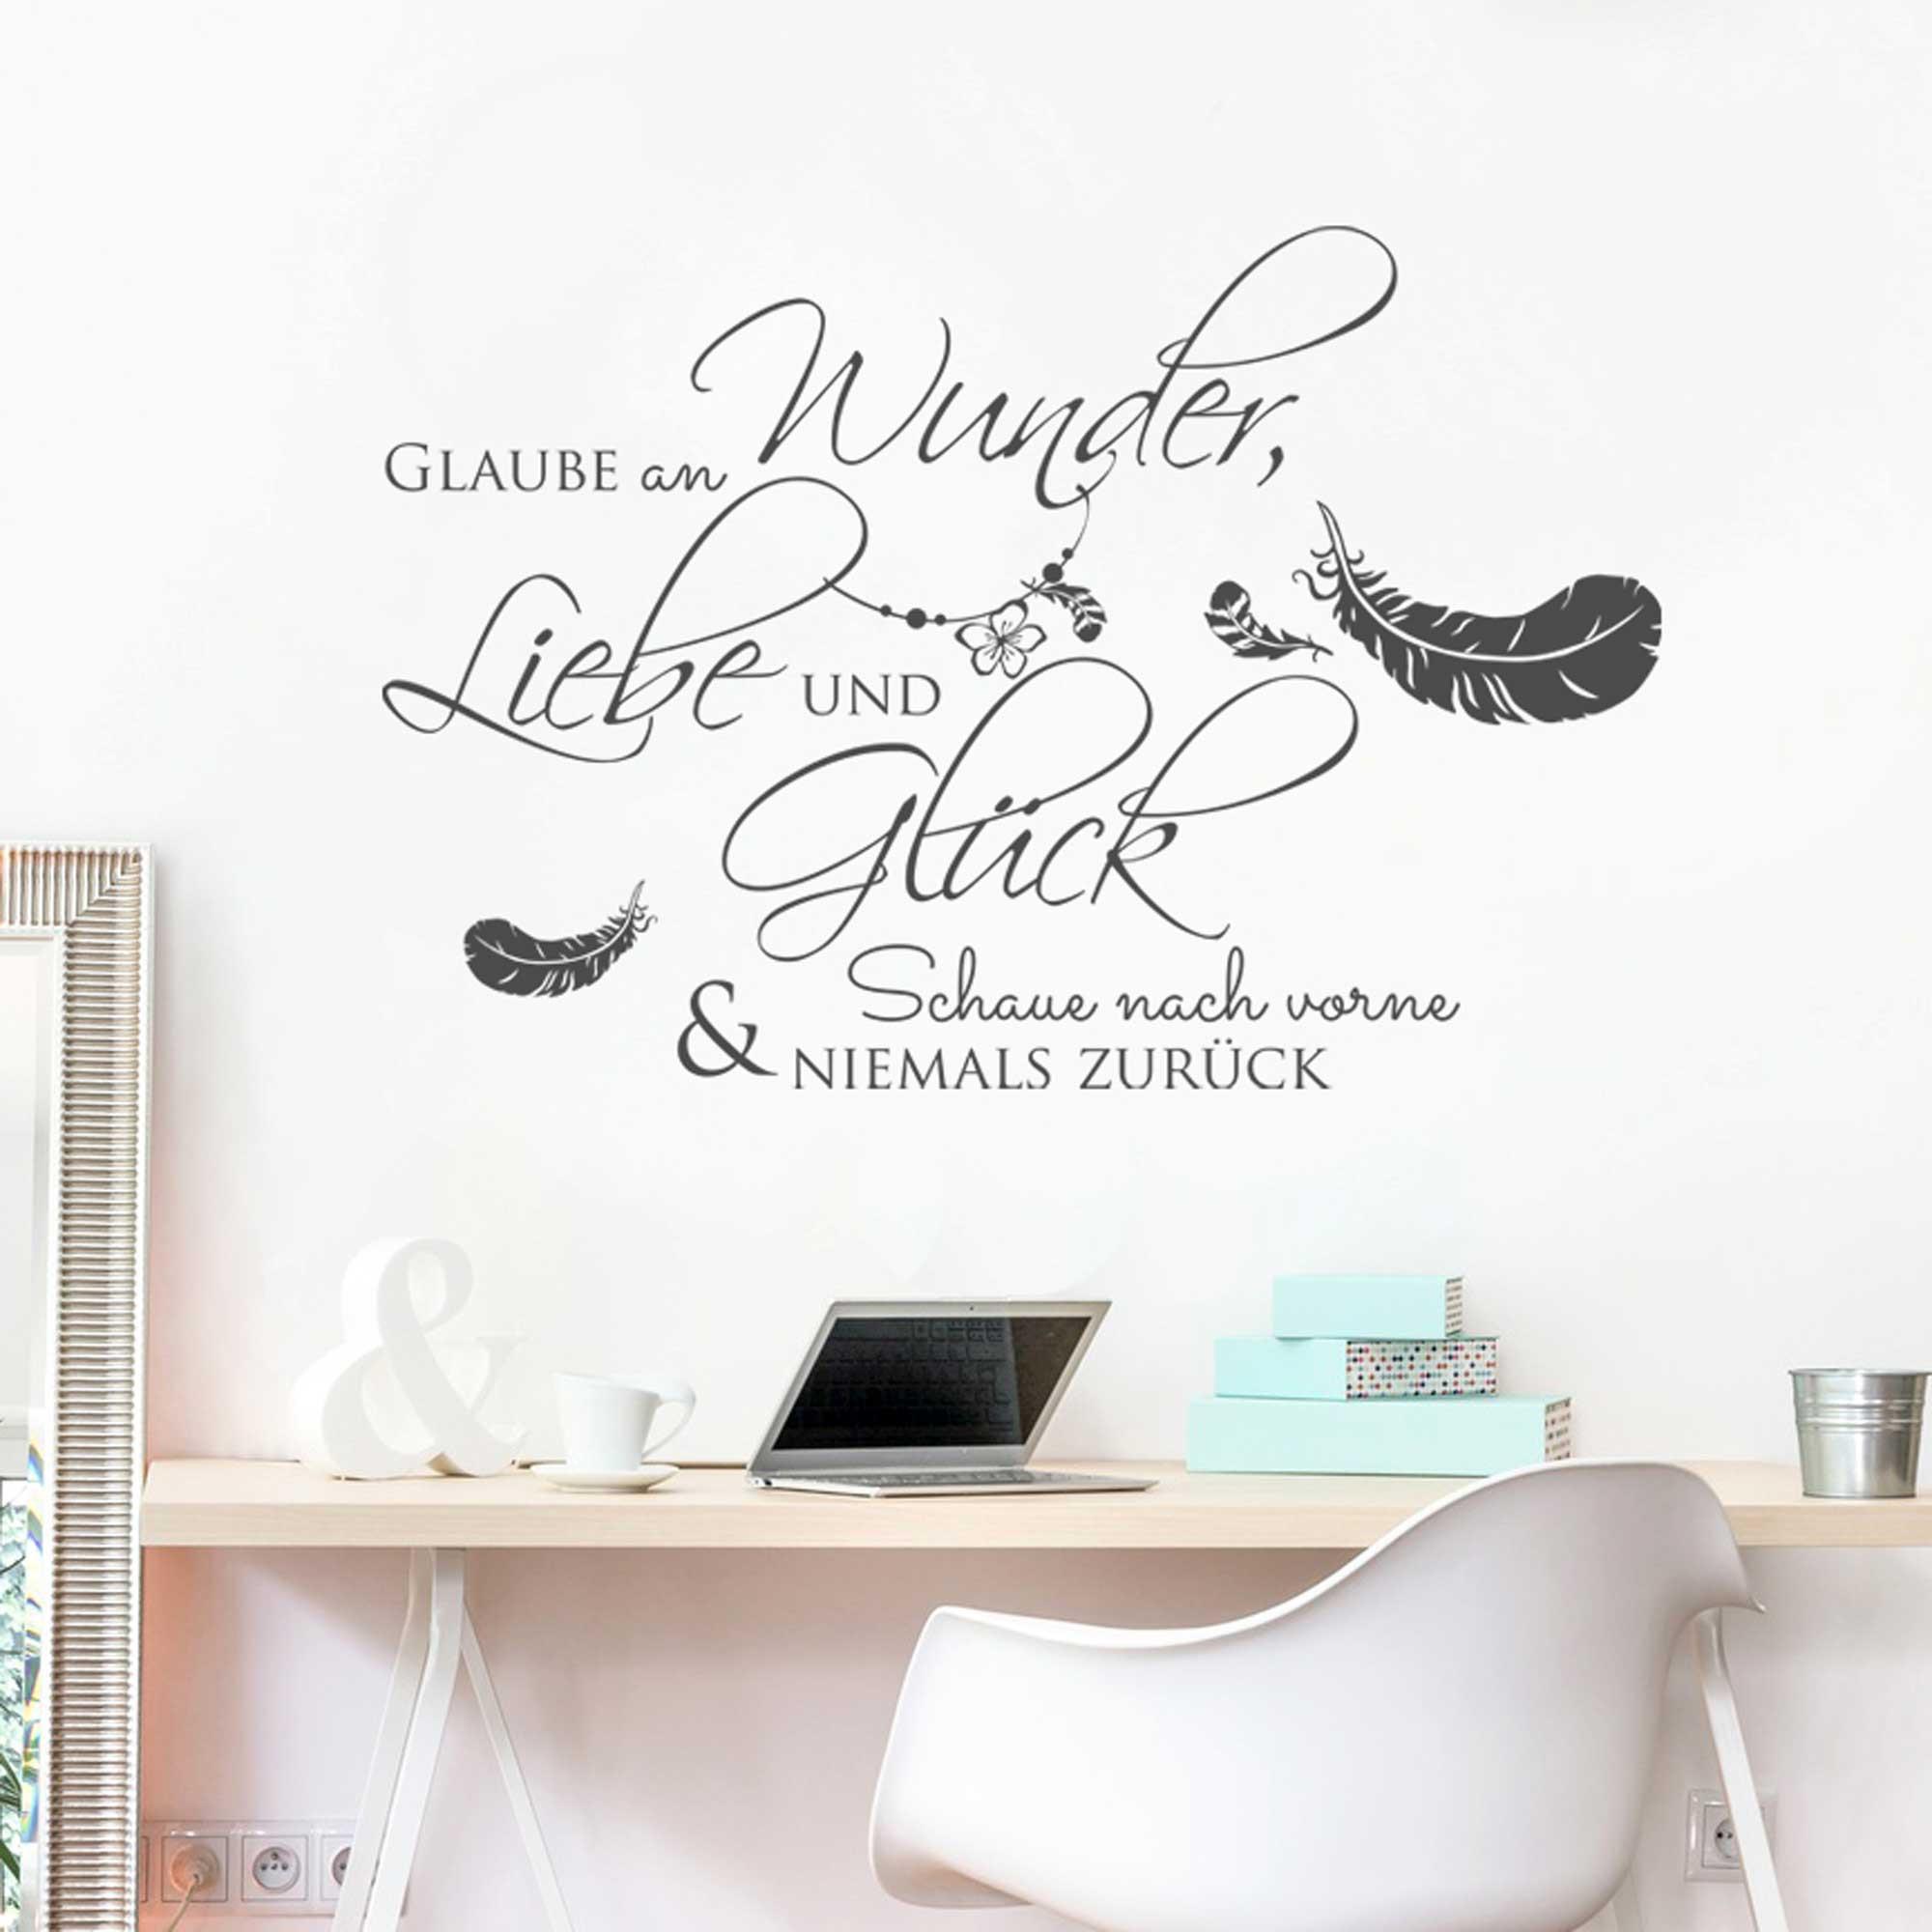 wandtattoo zitat spruch glaube an wunder liebe und gl ck. Black Bedroom Furniture Sets. Home Design Ideas